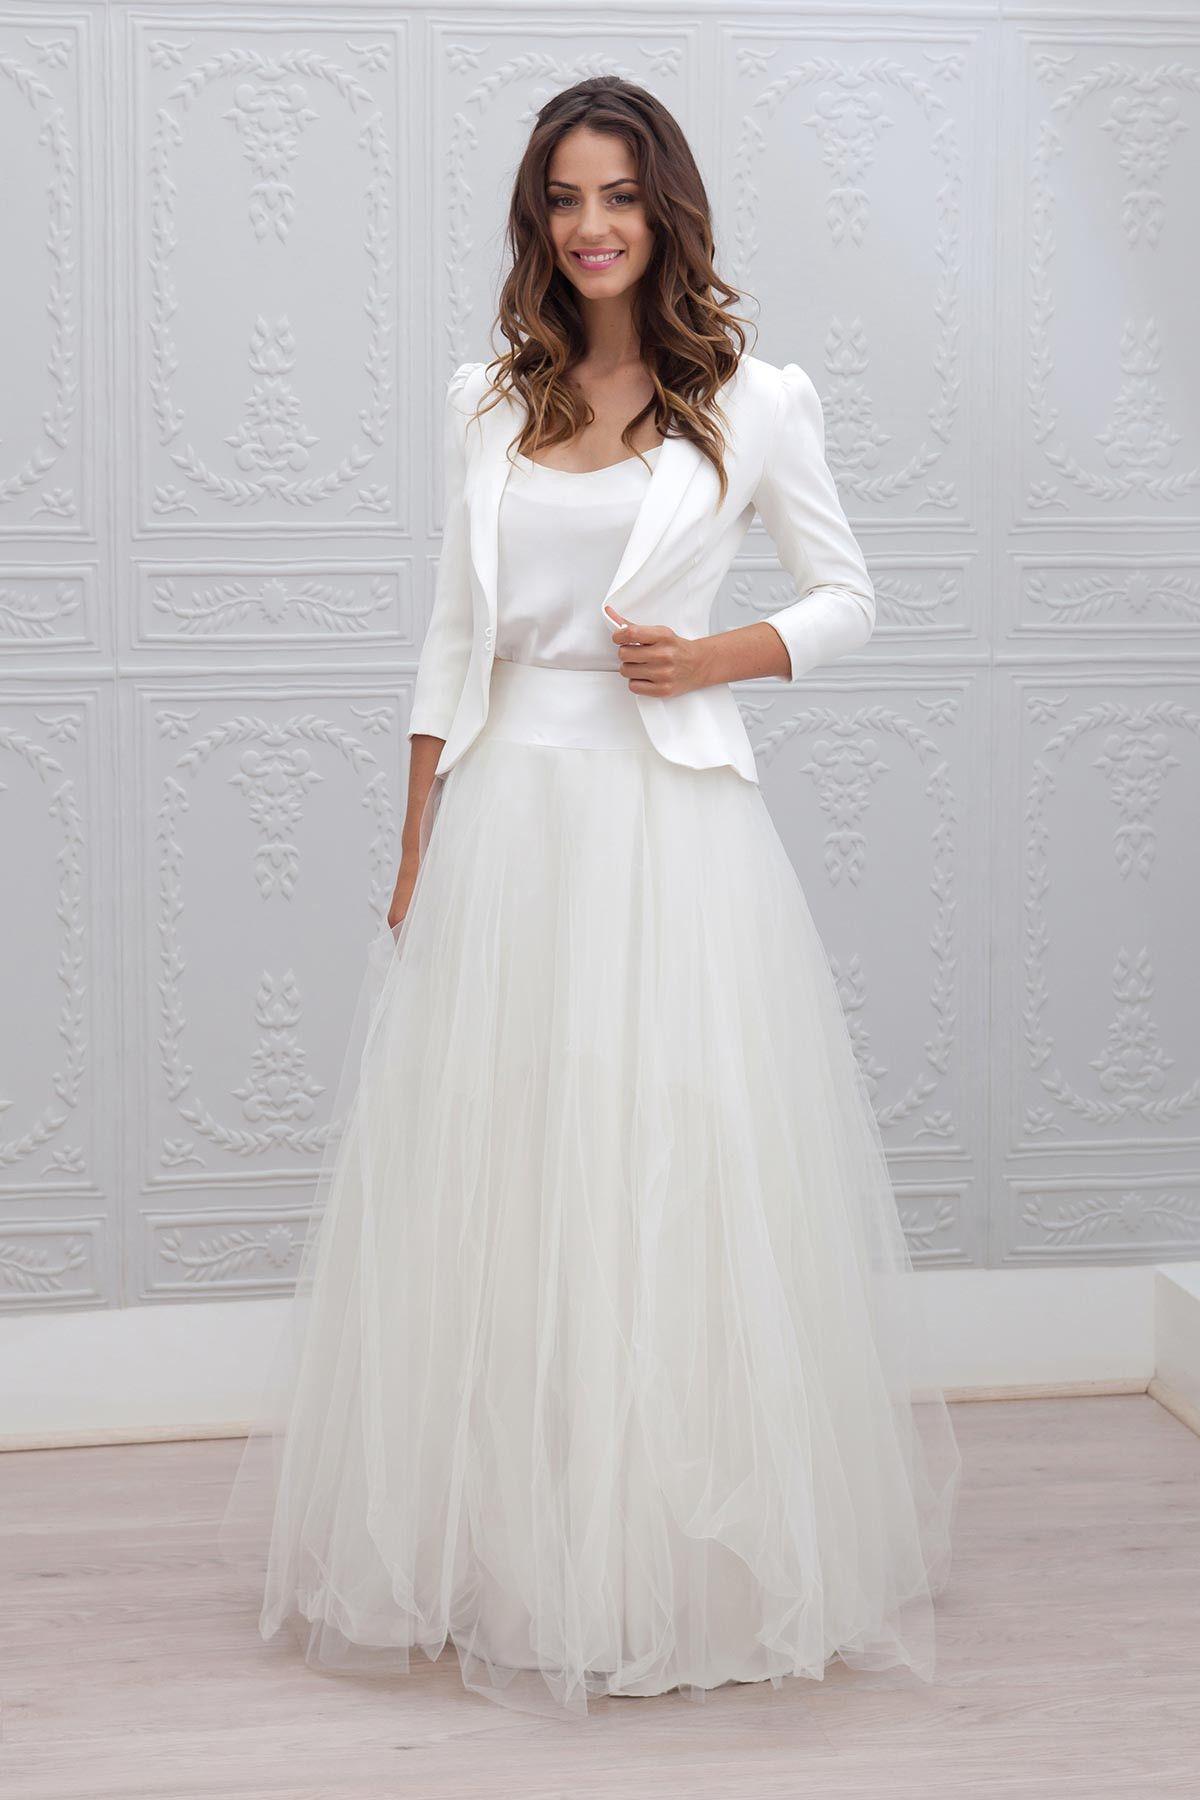 8d6b3caac72d Come scegliere l abito da sposa  matrimonio  abitodasposa  tailler   weddingdress